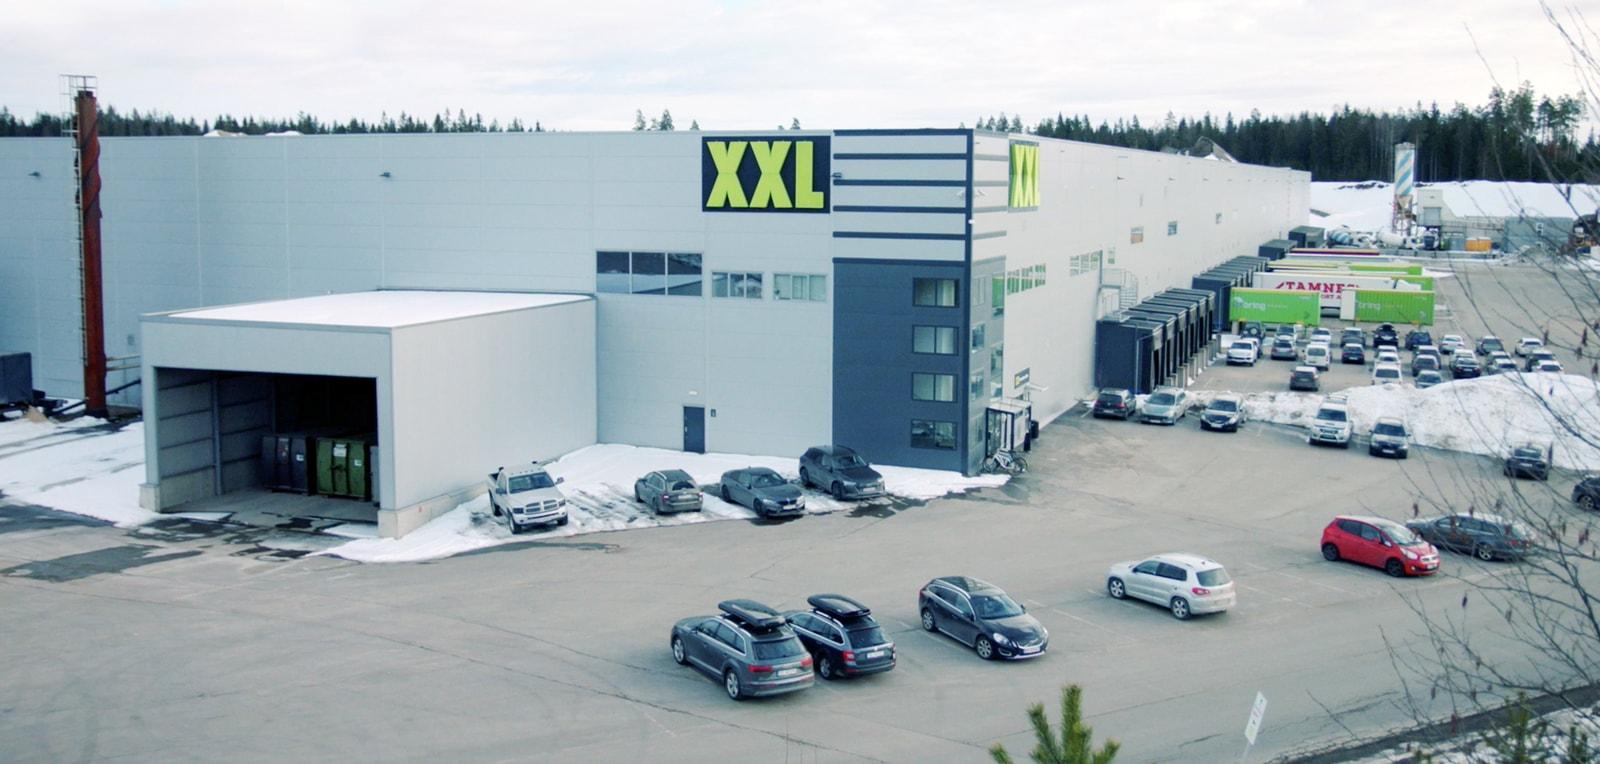 XXL Gardermoen facility